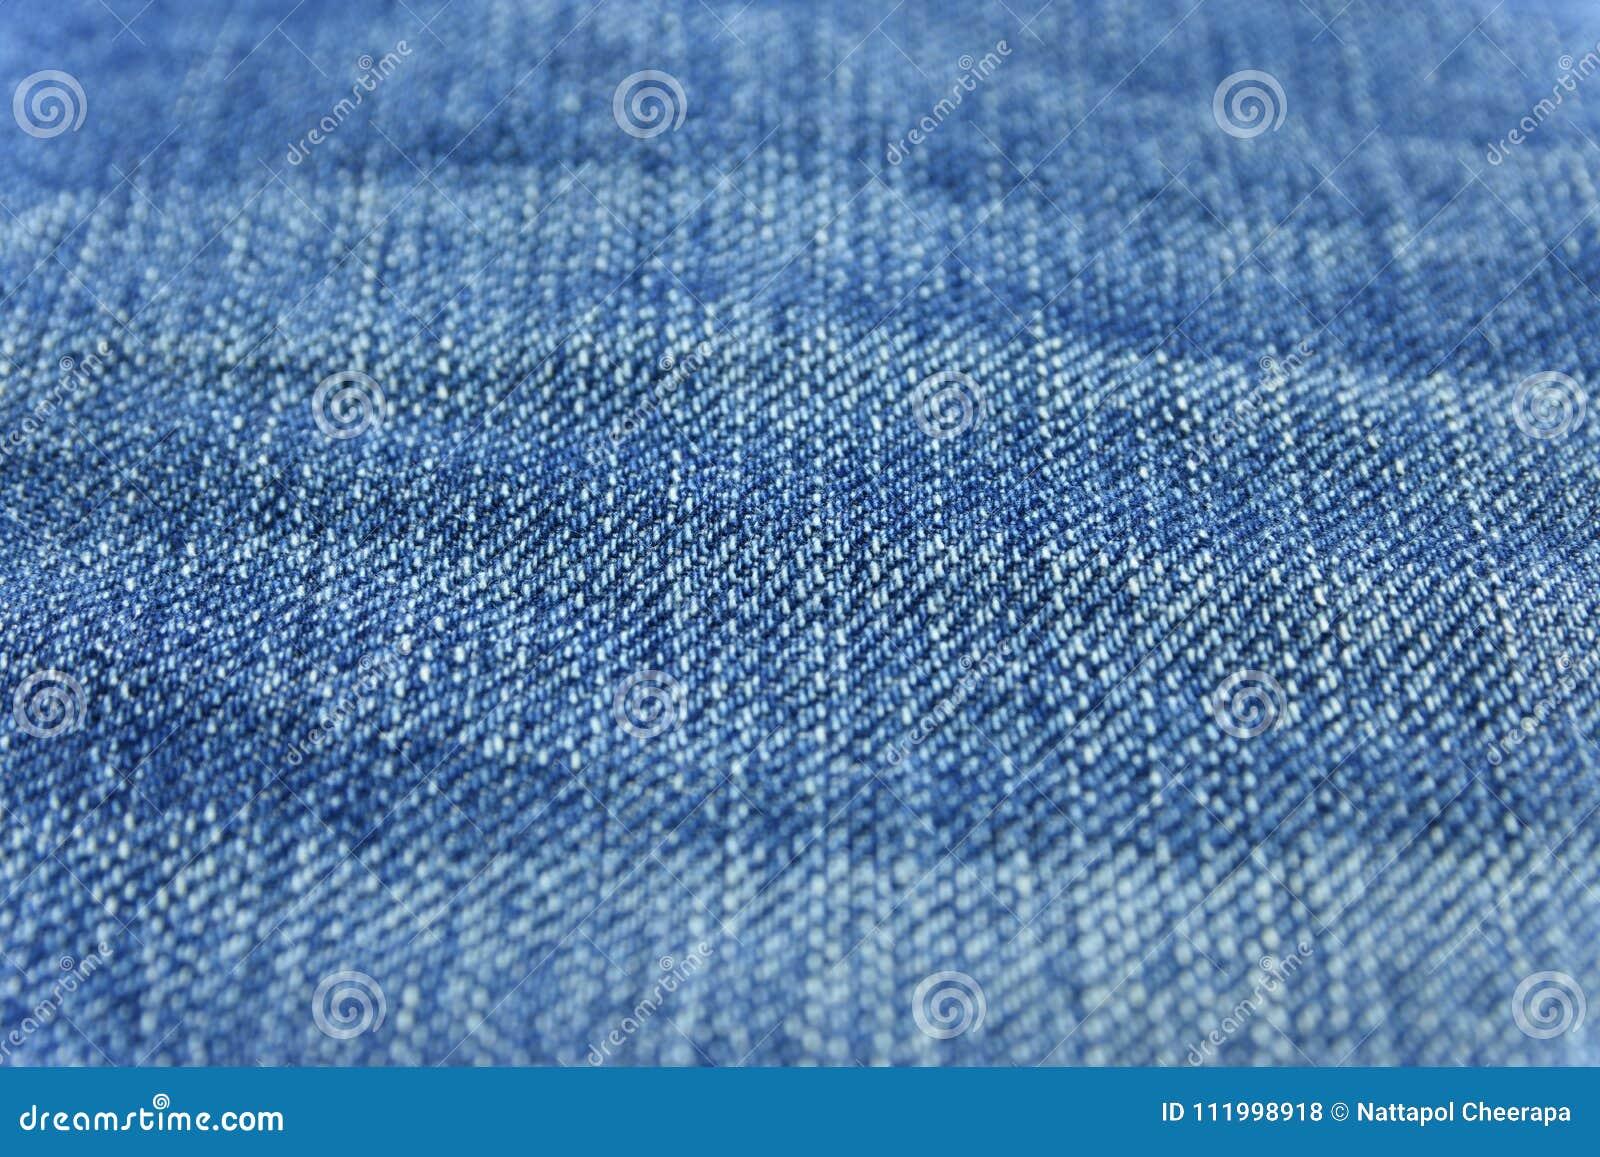 a9049352c Ciérrese Encima De Textura Azul De La Mezclilla Foto de archivo ...